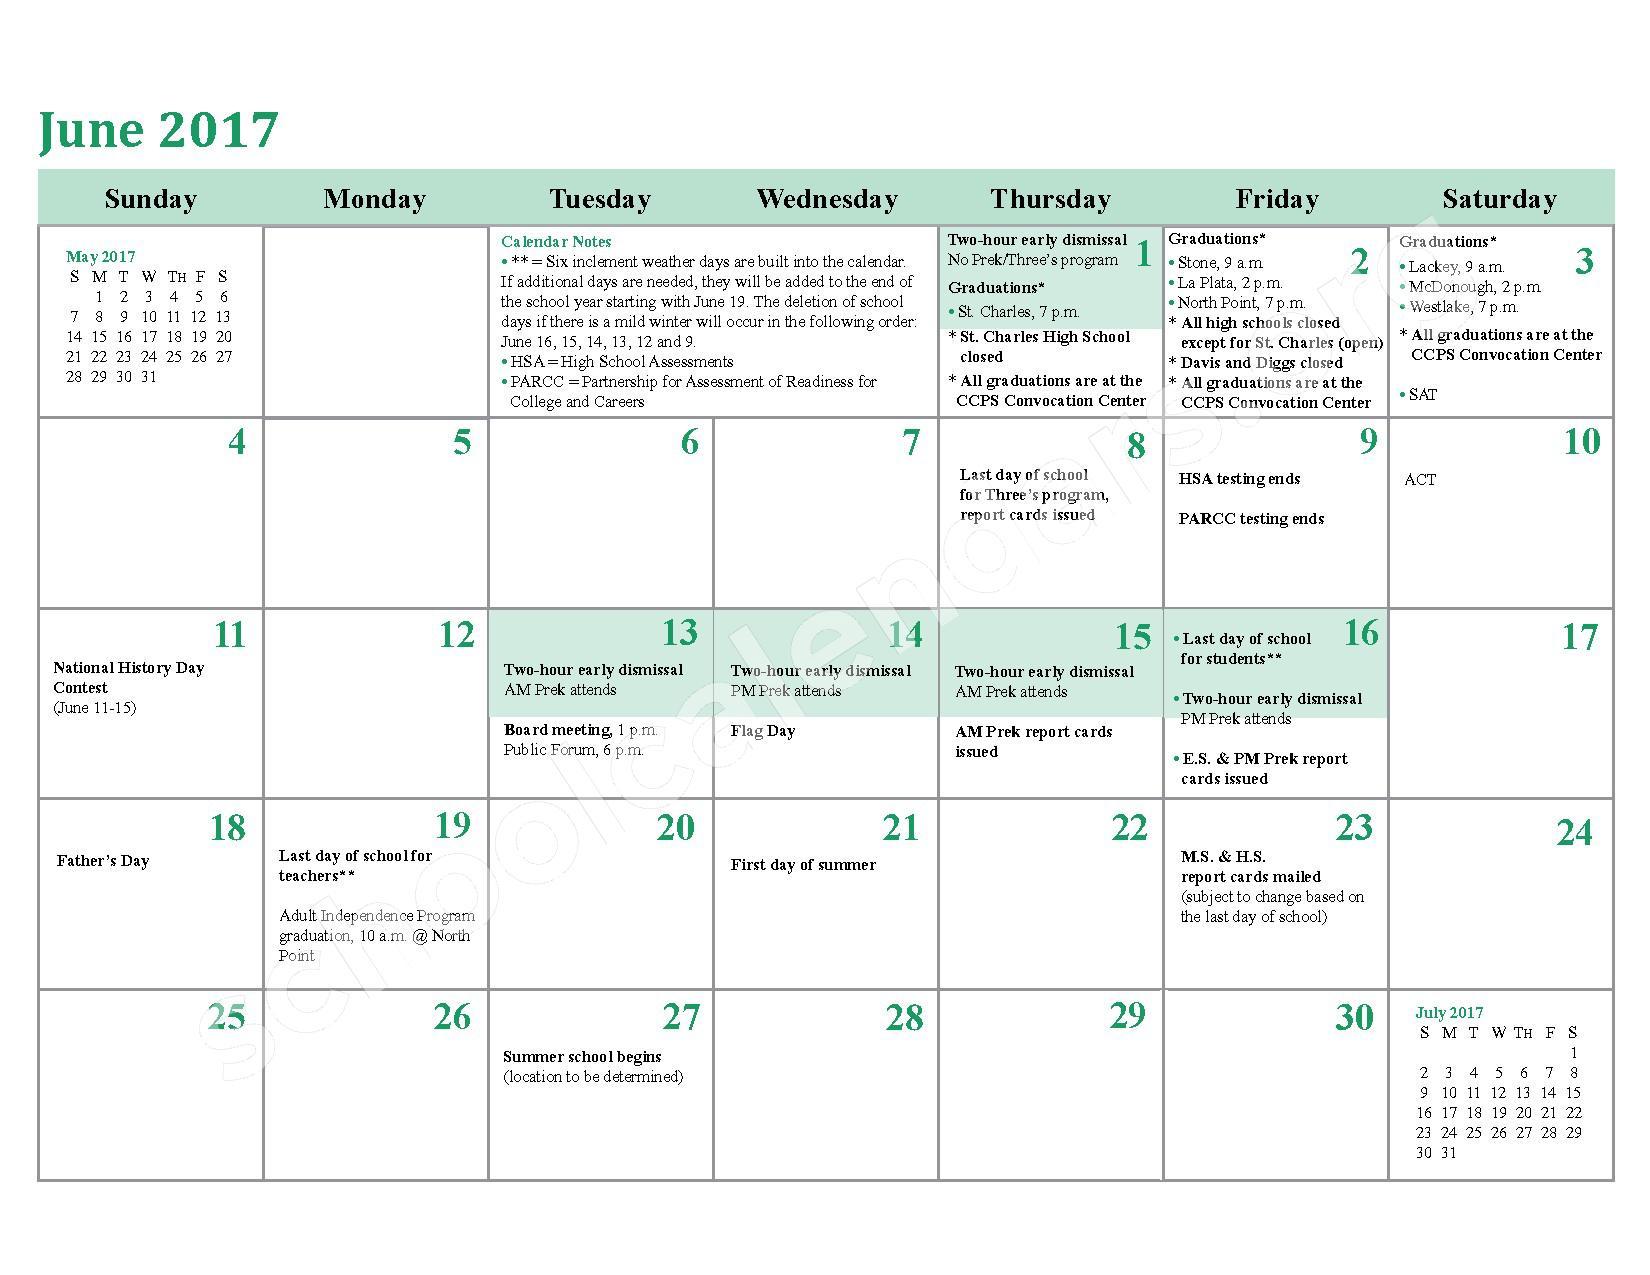 2016 - 2017 School Calendar – Charles County Public Schools – page 24